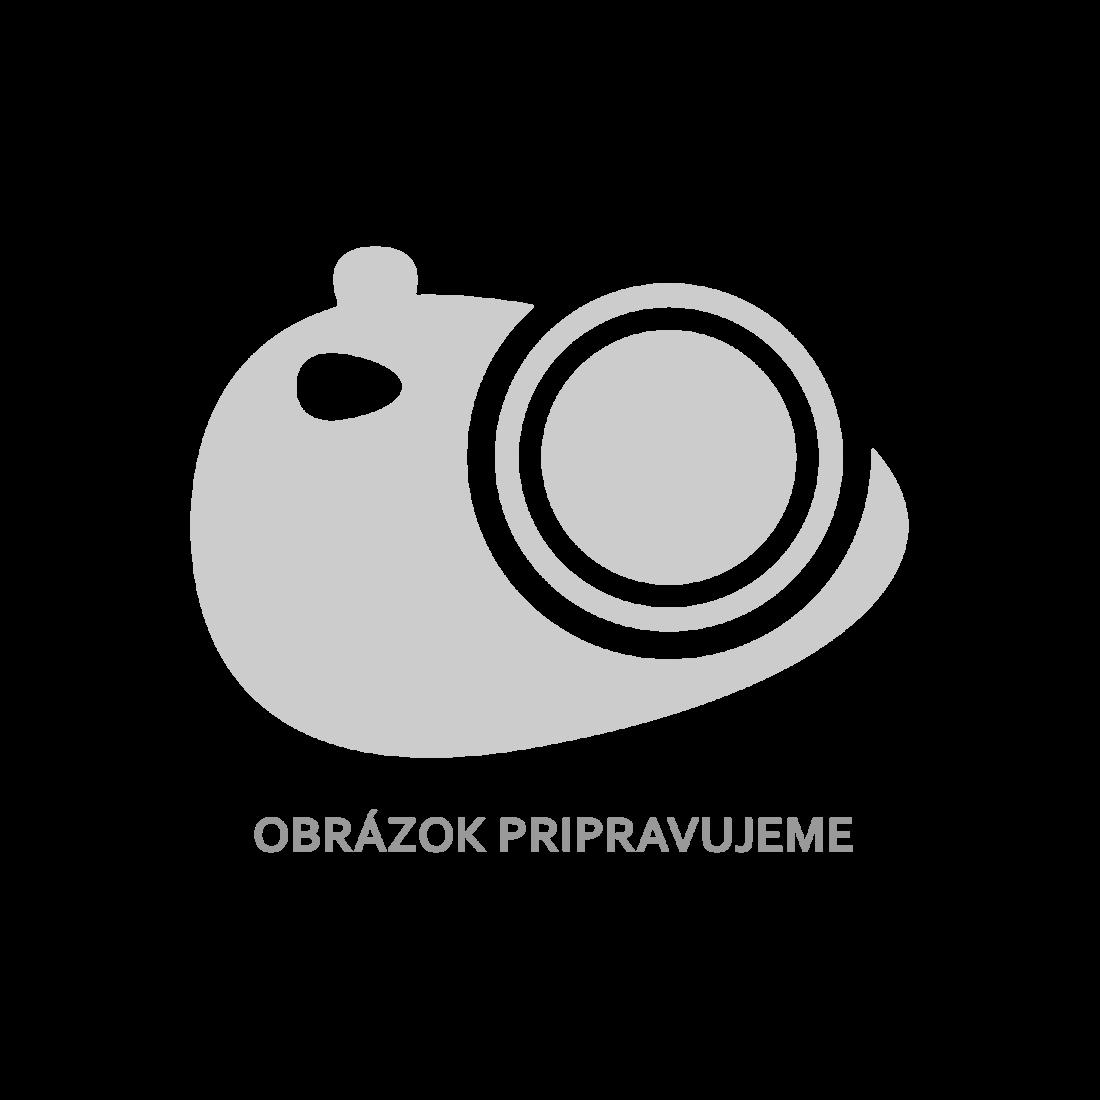 Nastaviteľná moderná čierna barová stolička s chrómovou základňou